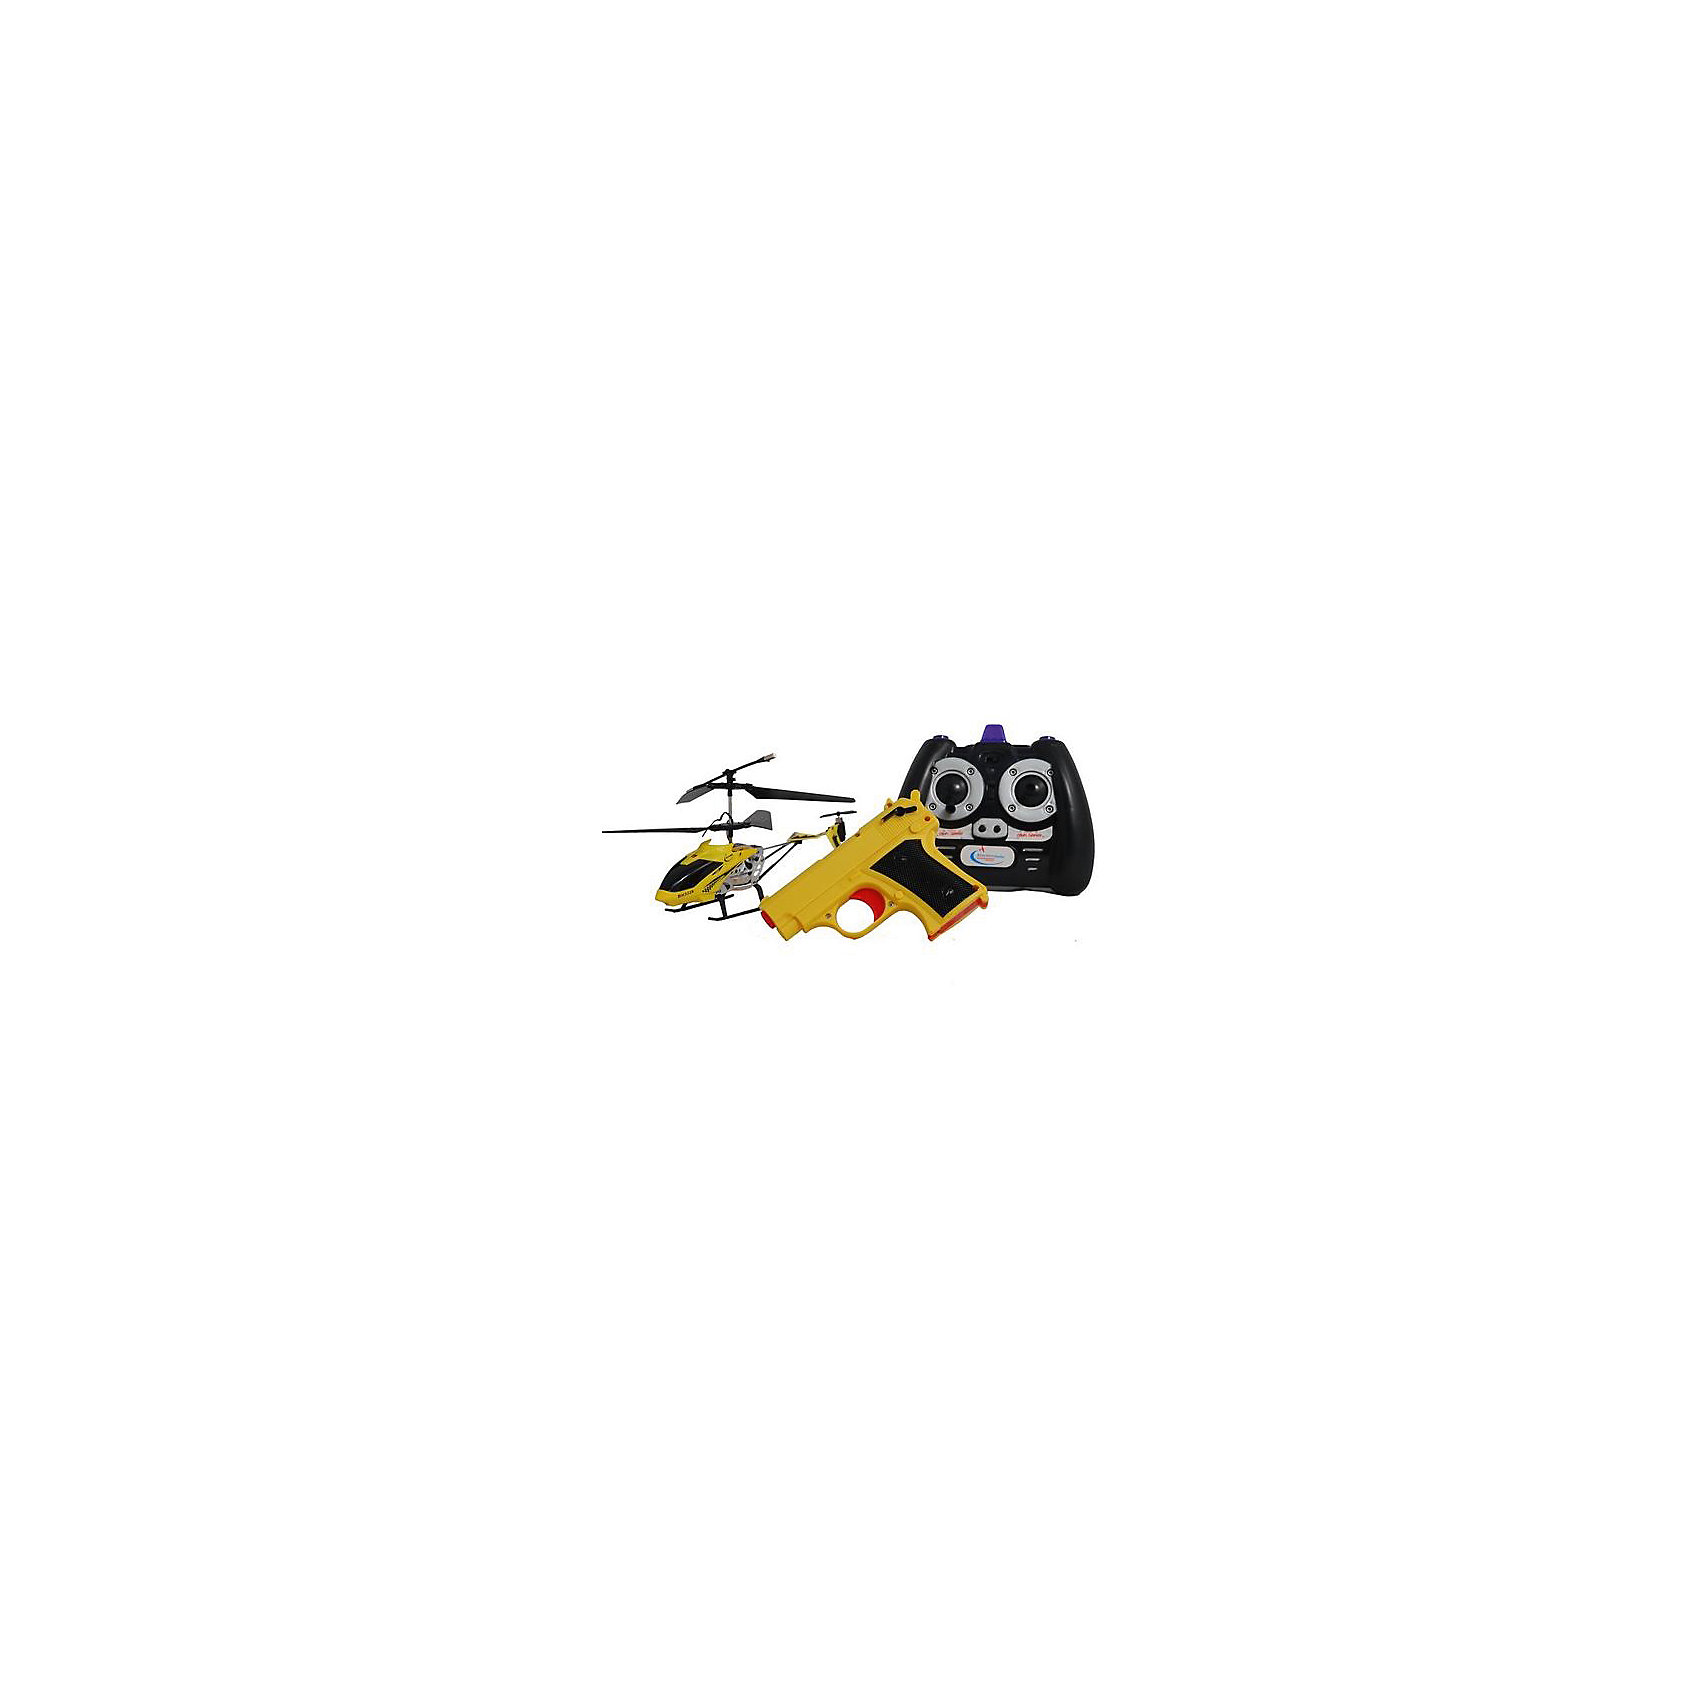 Вертолет на р/у Снайпер с пистолетом, желтый, Властелин небесВертолет на р/у Снайпер с пистолетом, желтый, Властелин небес<br><br>Характеристики:<br><br>• вертолет можно сбивать с помощью пистолета, входящего в комплект<br>• вертолет летает вверх, вниз, в стороны, а также поворачивается и зависает в воздухе<br>• светящиеся сигнальные огни<br>• встроенный гироскоп<br>• лопасти складываются при падении<br>• расстояние пульта: до 15 метров<br>• скорость: до 10 км/ч<br>• батарейки для пульта: АА - 6 шт. (не входят в комплект)<br>• батарейки для пистолета: АА - 2 шт. (не входят в комплект)<br>• в комплекте: вертолет, ИК-пульт, ИК-пистолет, аккумулятор, зарядное устройство<br>• материал: металл, пластик<br>• размер: 20х4х11 см<br>• питание: аккумулятор 3,7 V Li-poliy<br>• размер упаковки: 43,5х7х25,5 см<br>• вес: 700 грамм<br>• цвет: желтый<br><br>Вертолет Снайпер идеально подходит для игры вдвоем. Один игрок управляет вертолетом с помощью пульта, а второй пытается сбить вертолет пистолетом. Чтобы сбить вертолет, нужно попасть в него 3 раза. Игрушка изготовлена из прочных материалов и хорошо выдерживает падения с большой высоты. При этом лопасти складываются во избежание повреждений. Вертолет оснащен светящимися сигнальными огнями, которые помогут отыскать его в темноте. Радиус действия пульта - до 15 метров. Вы сможете играть на большом расстоянии для лучшего обзора. Вертолет может летать вверх, вниз, в стороны и совершать повороты. А благодаря встроенному гироскопу, игрушка способна висеть в воздухе.<br>Для работы пульта необходимы 6 батареек АА, для работы пистолета - 2 батарейки АА.<br><br>Вертолет на р/у Снайпер с пистолетом, желтый, Властелин небес вы можете купить в нашем интернет-магазине.<br><br>Ширина мм: 70<br>Глубина мм: 350<br>Высота мм: 265<br>Вес г: 810<br>Возраст от месяцев: 108<br>Возраст до месяцев: 2147483647<br>Пол: Мужской<br>Возраст: Детский<br>SKU: 5397081